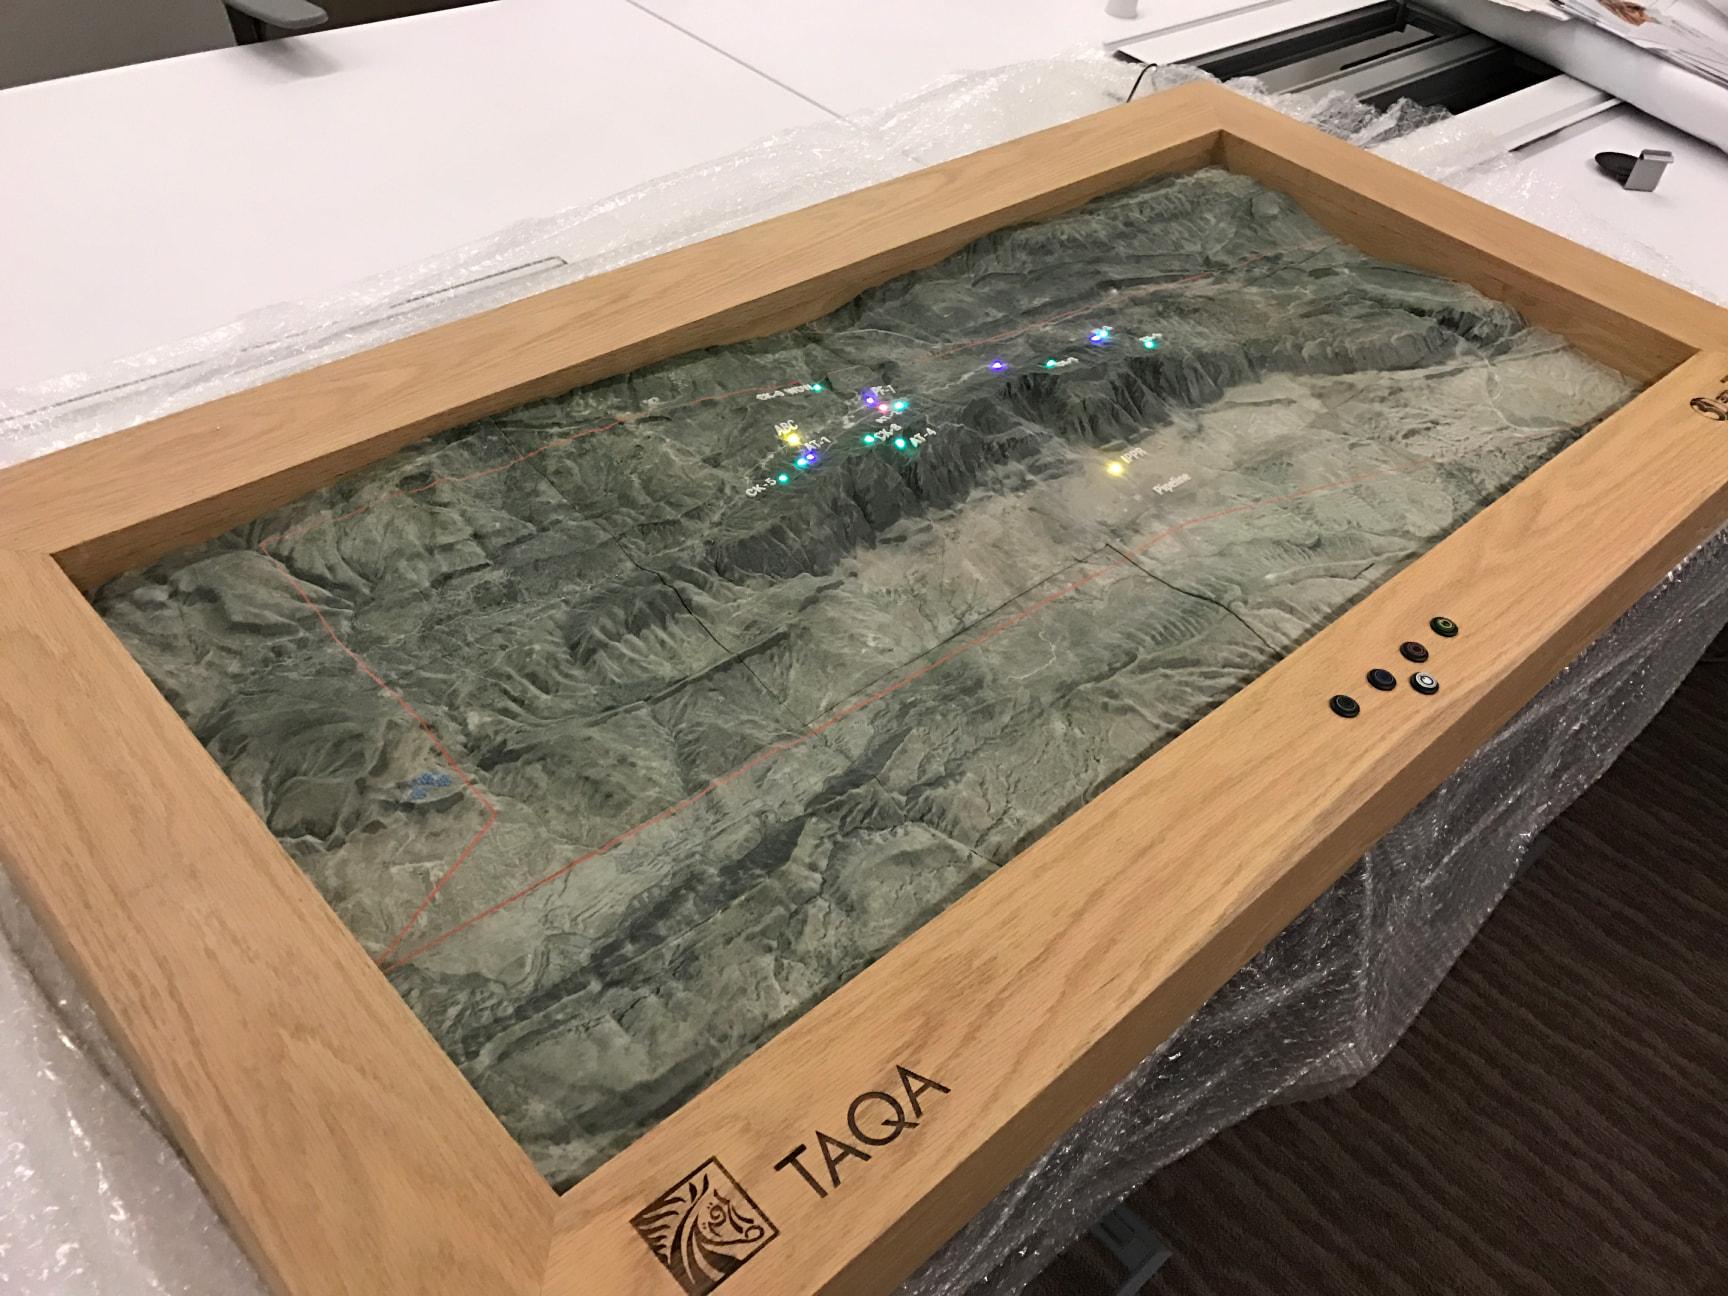 GIS satellite data 3D printed in sandstone